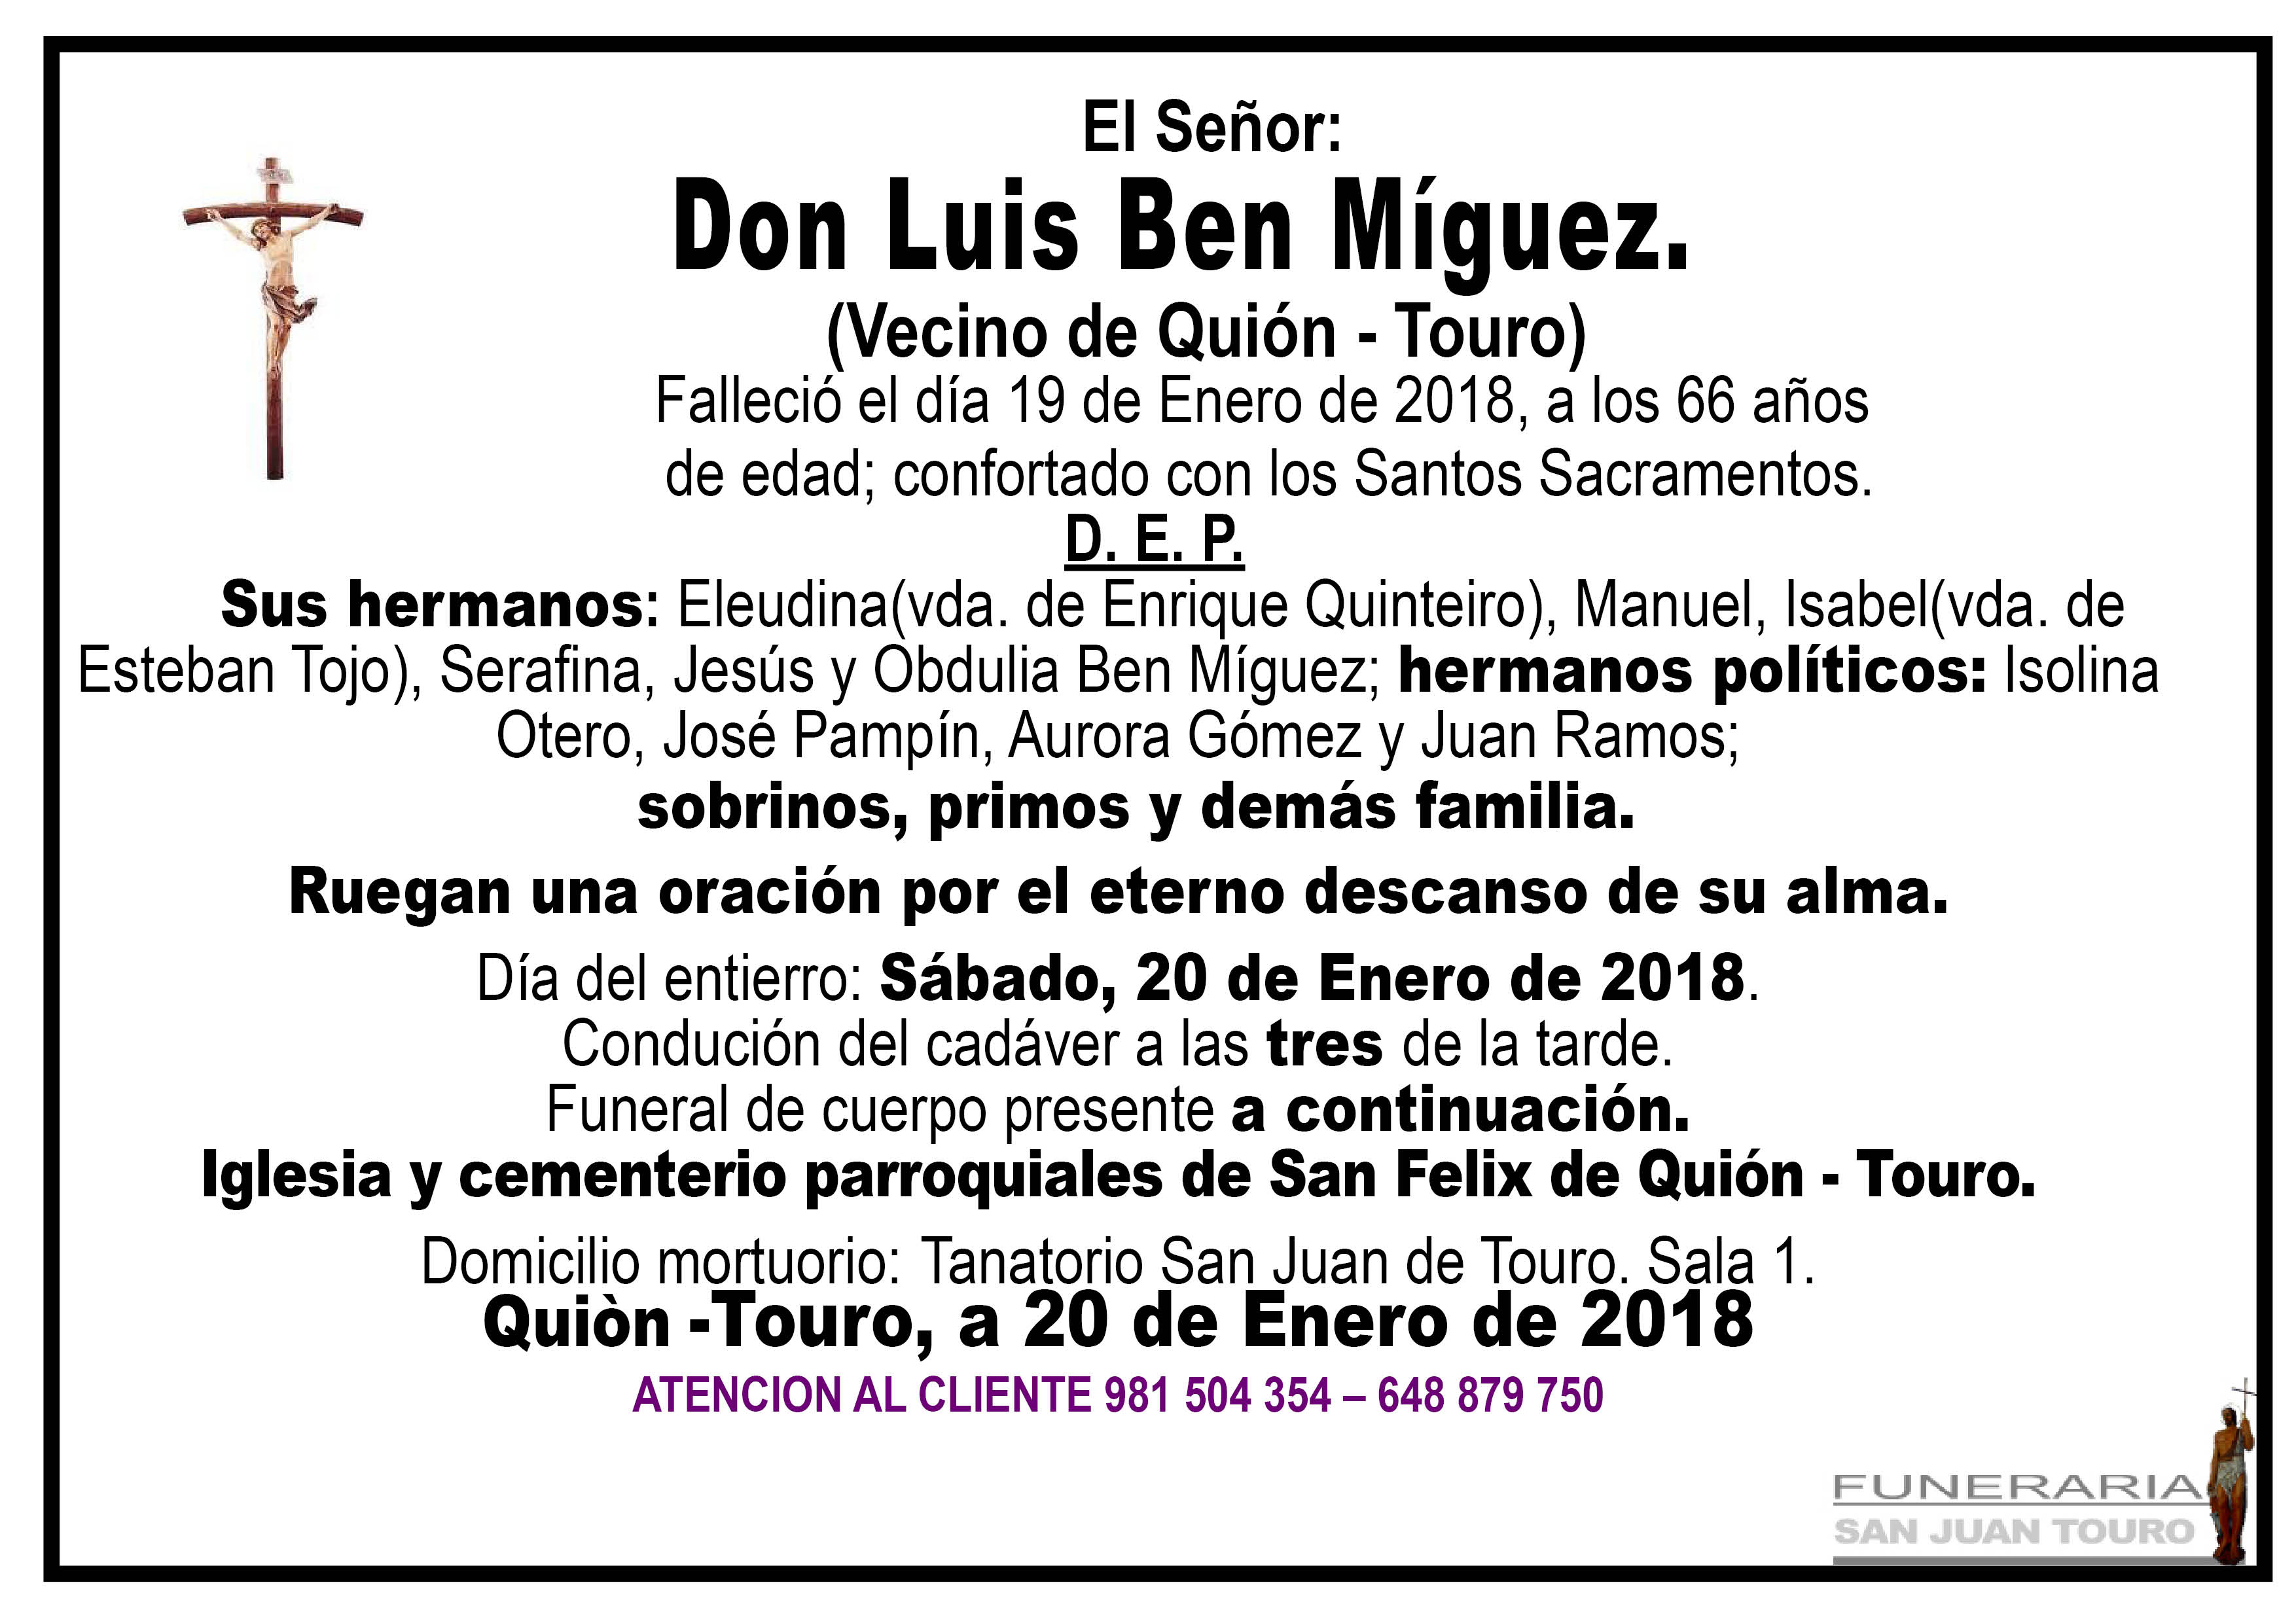 Esquela de SEPELIO DE LUIS BEN MIGUEZ